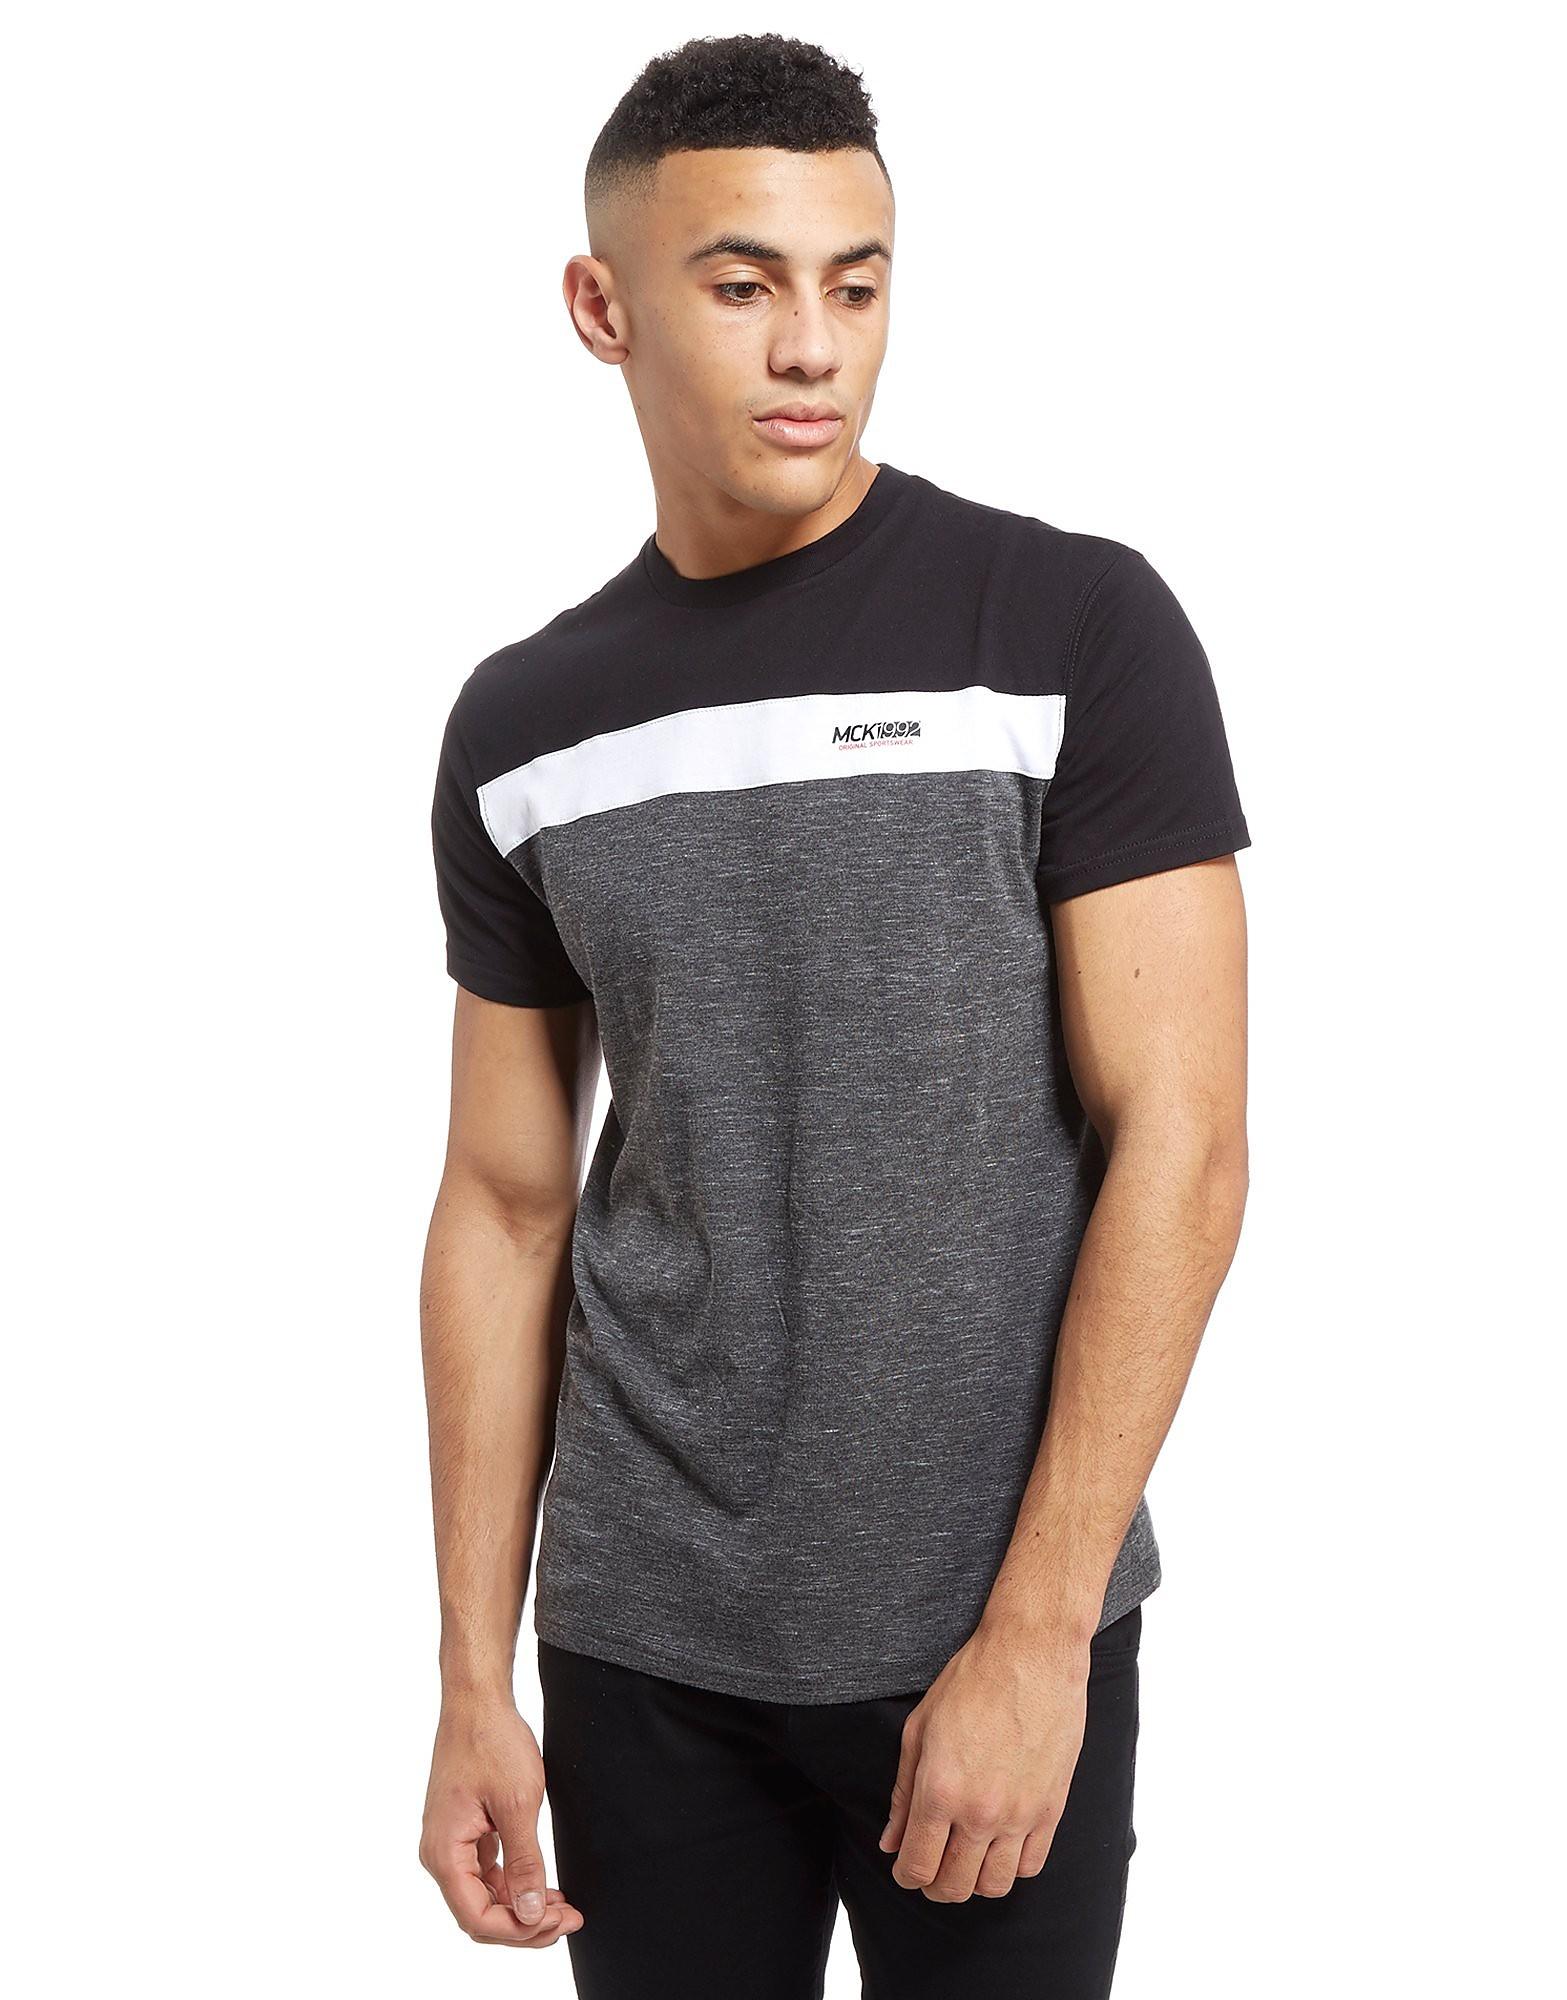 McKenzie Invasion T-Shirt